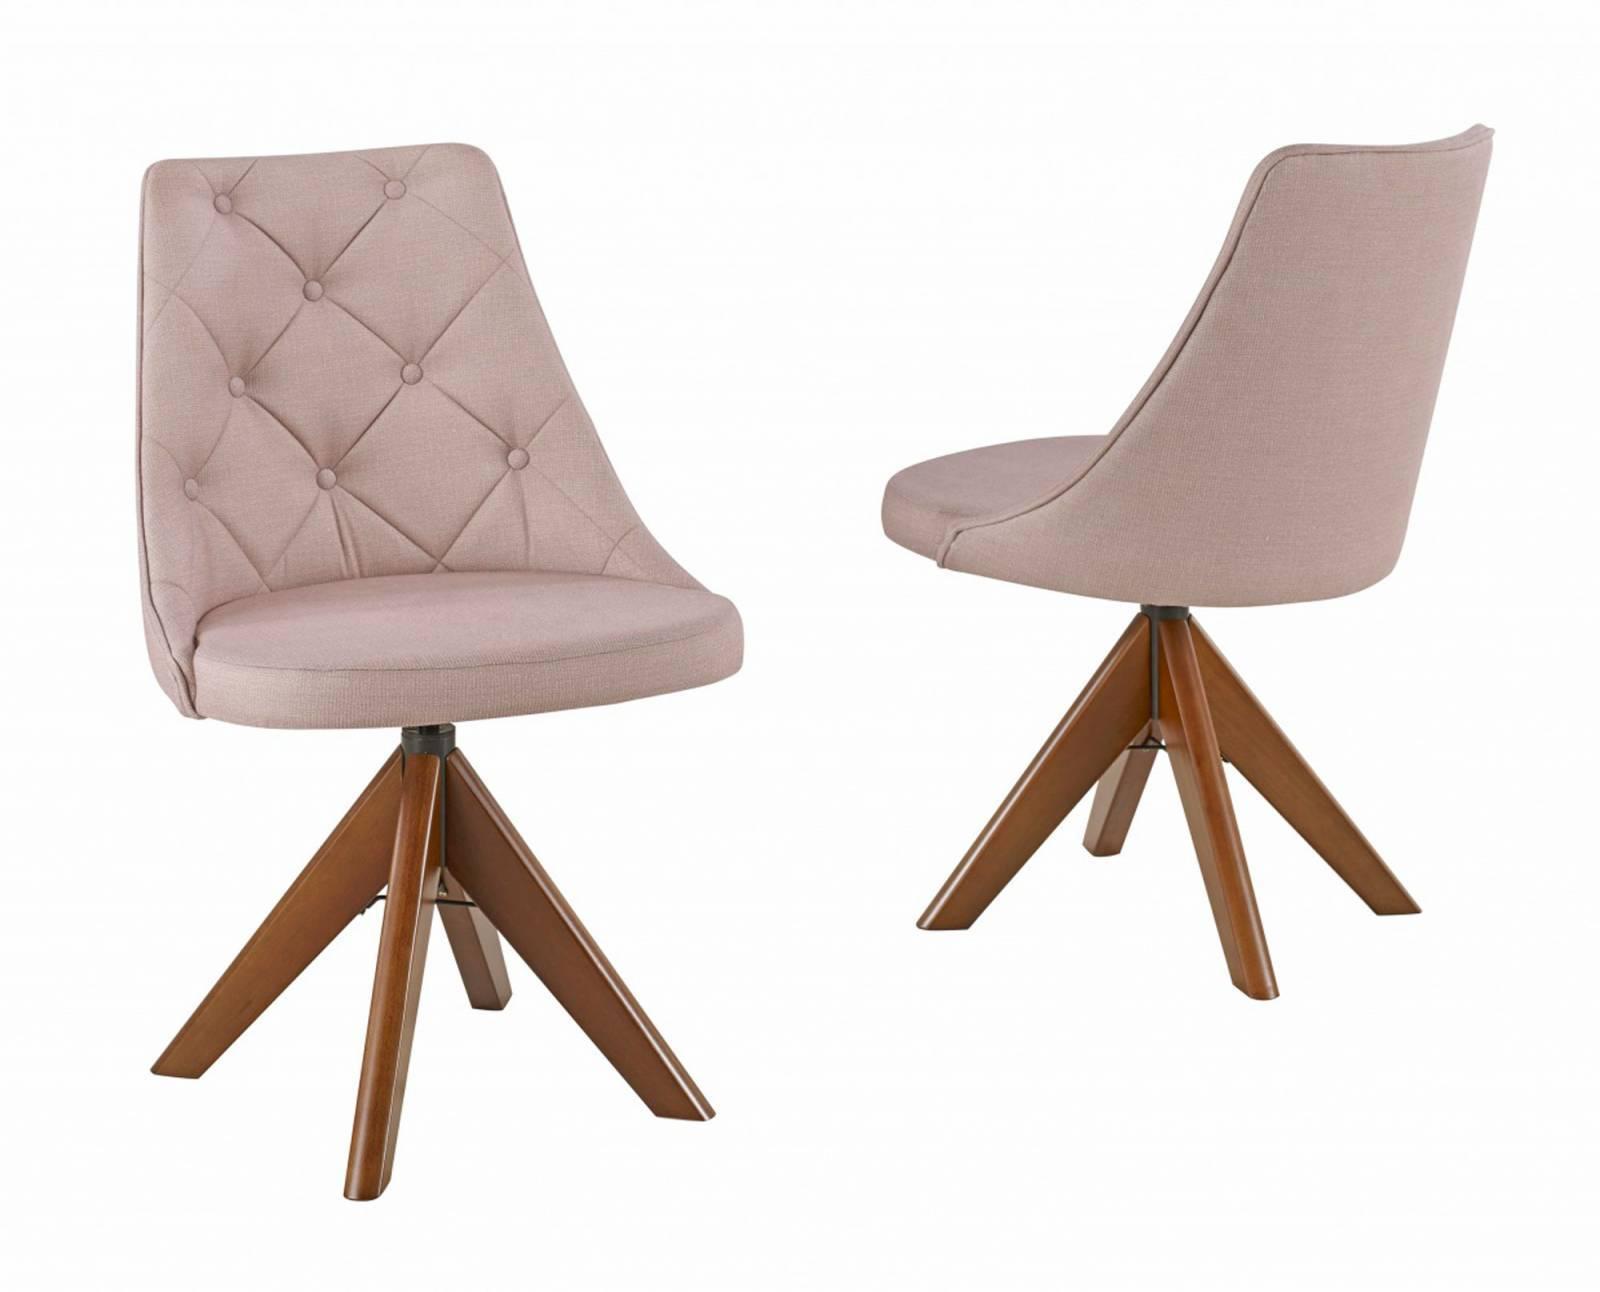 Cadeira Elegance Giratória com Botões Diplomata Móveis - All Home